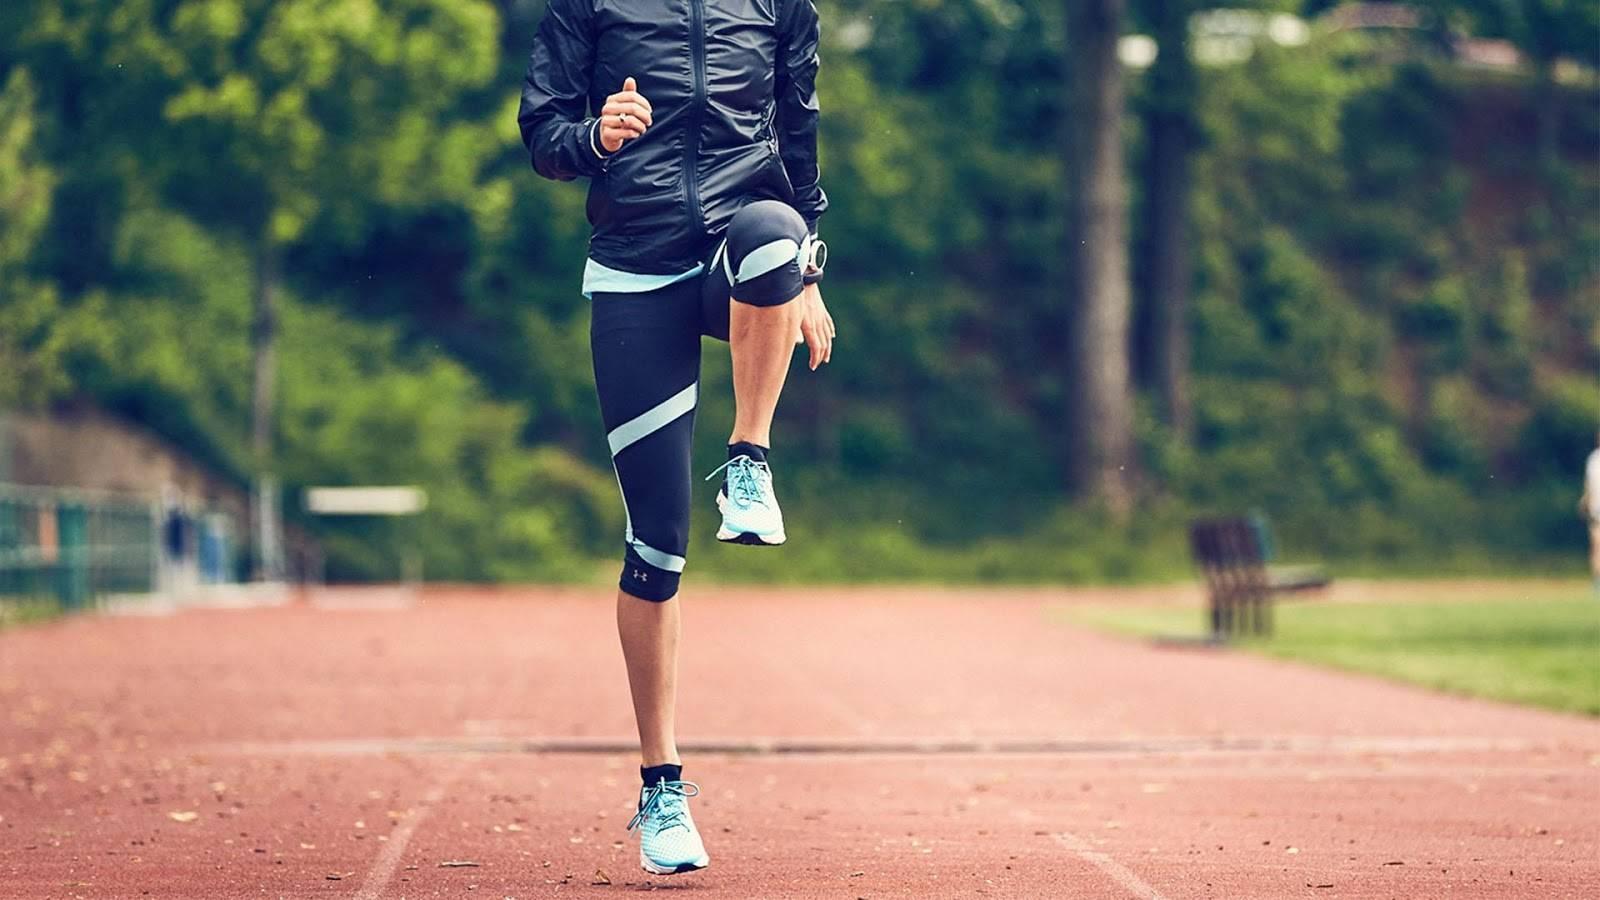 Как правильно разминаться перед бегом: топ-10 упражнений для разминки перед пробежкой